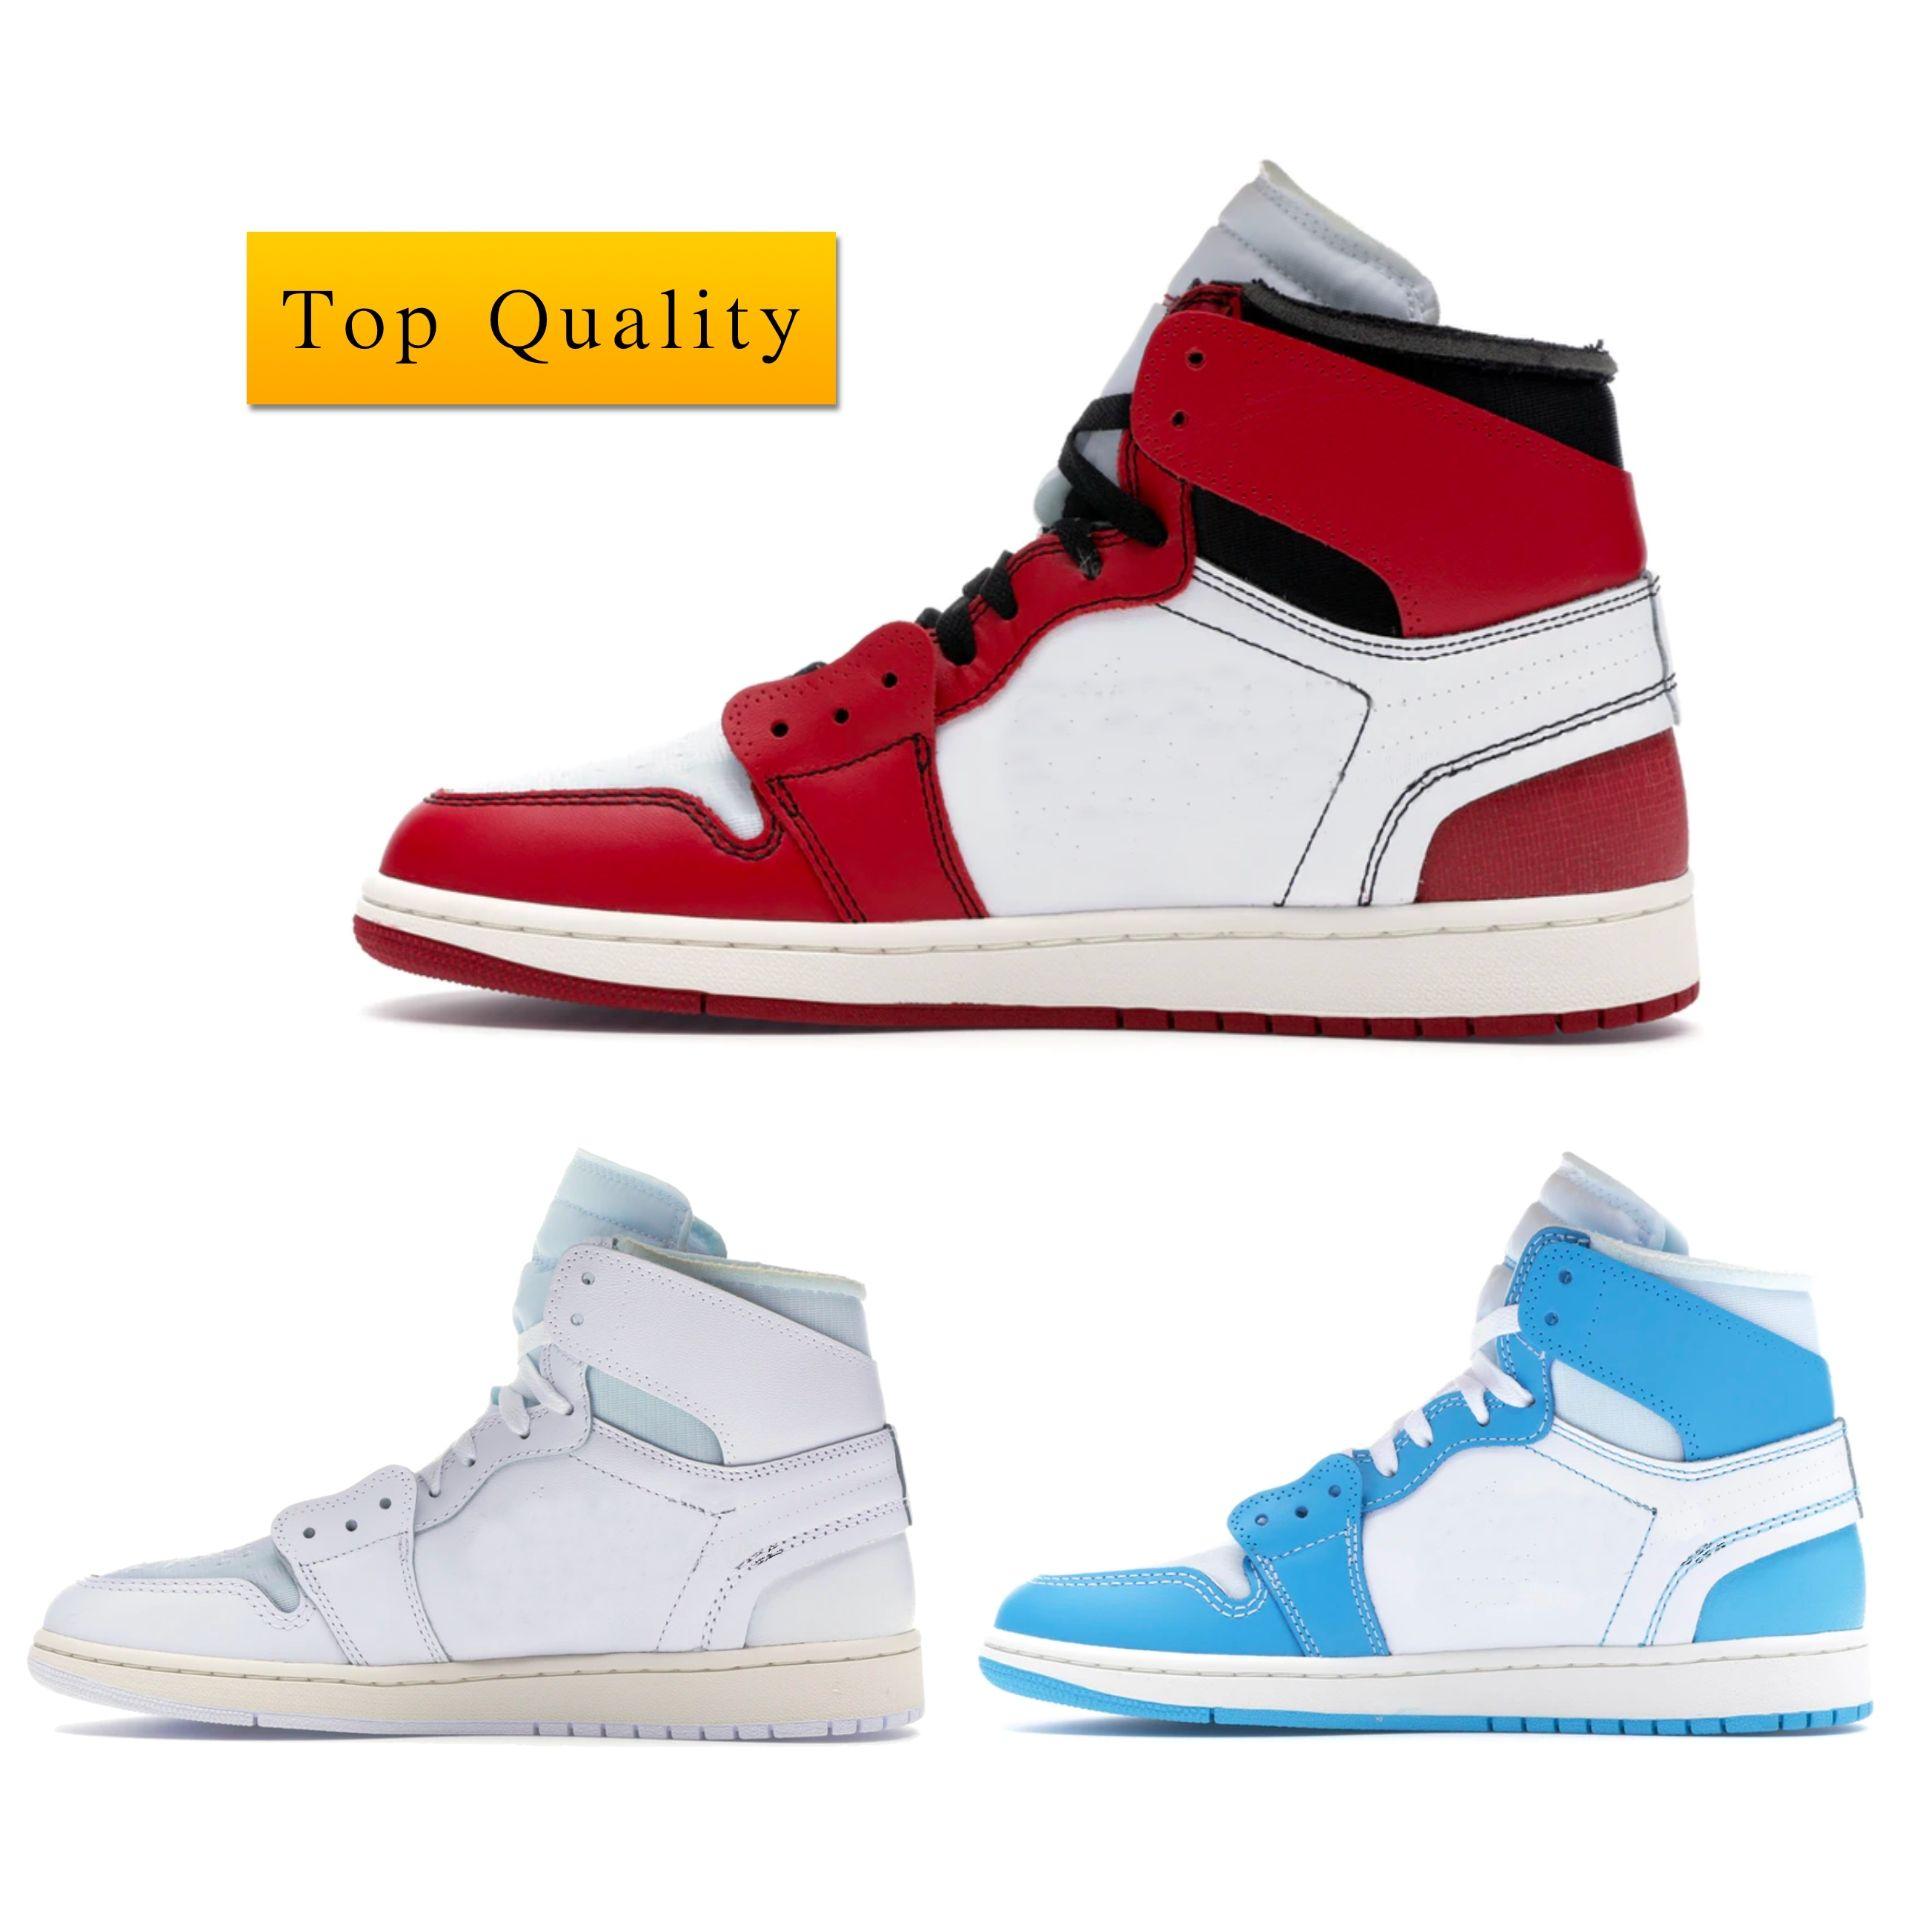 Air Jordan 1 Retro High University Blue 85 Chicago Basketball Shoes نساء أعلى جودة فاخر مصمم حذاء رياضة رجل عرضي جامعة أوف وايت بلو شيكاغو 85